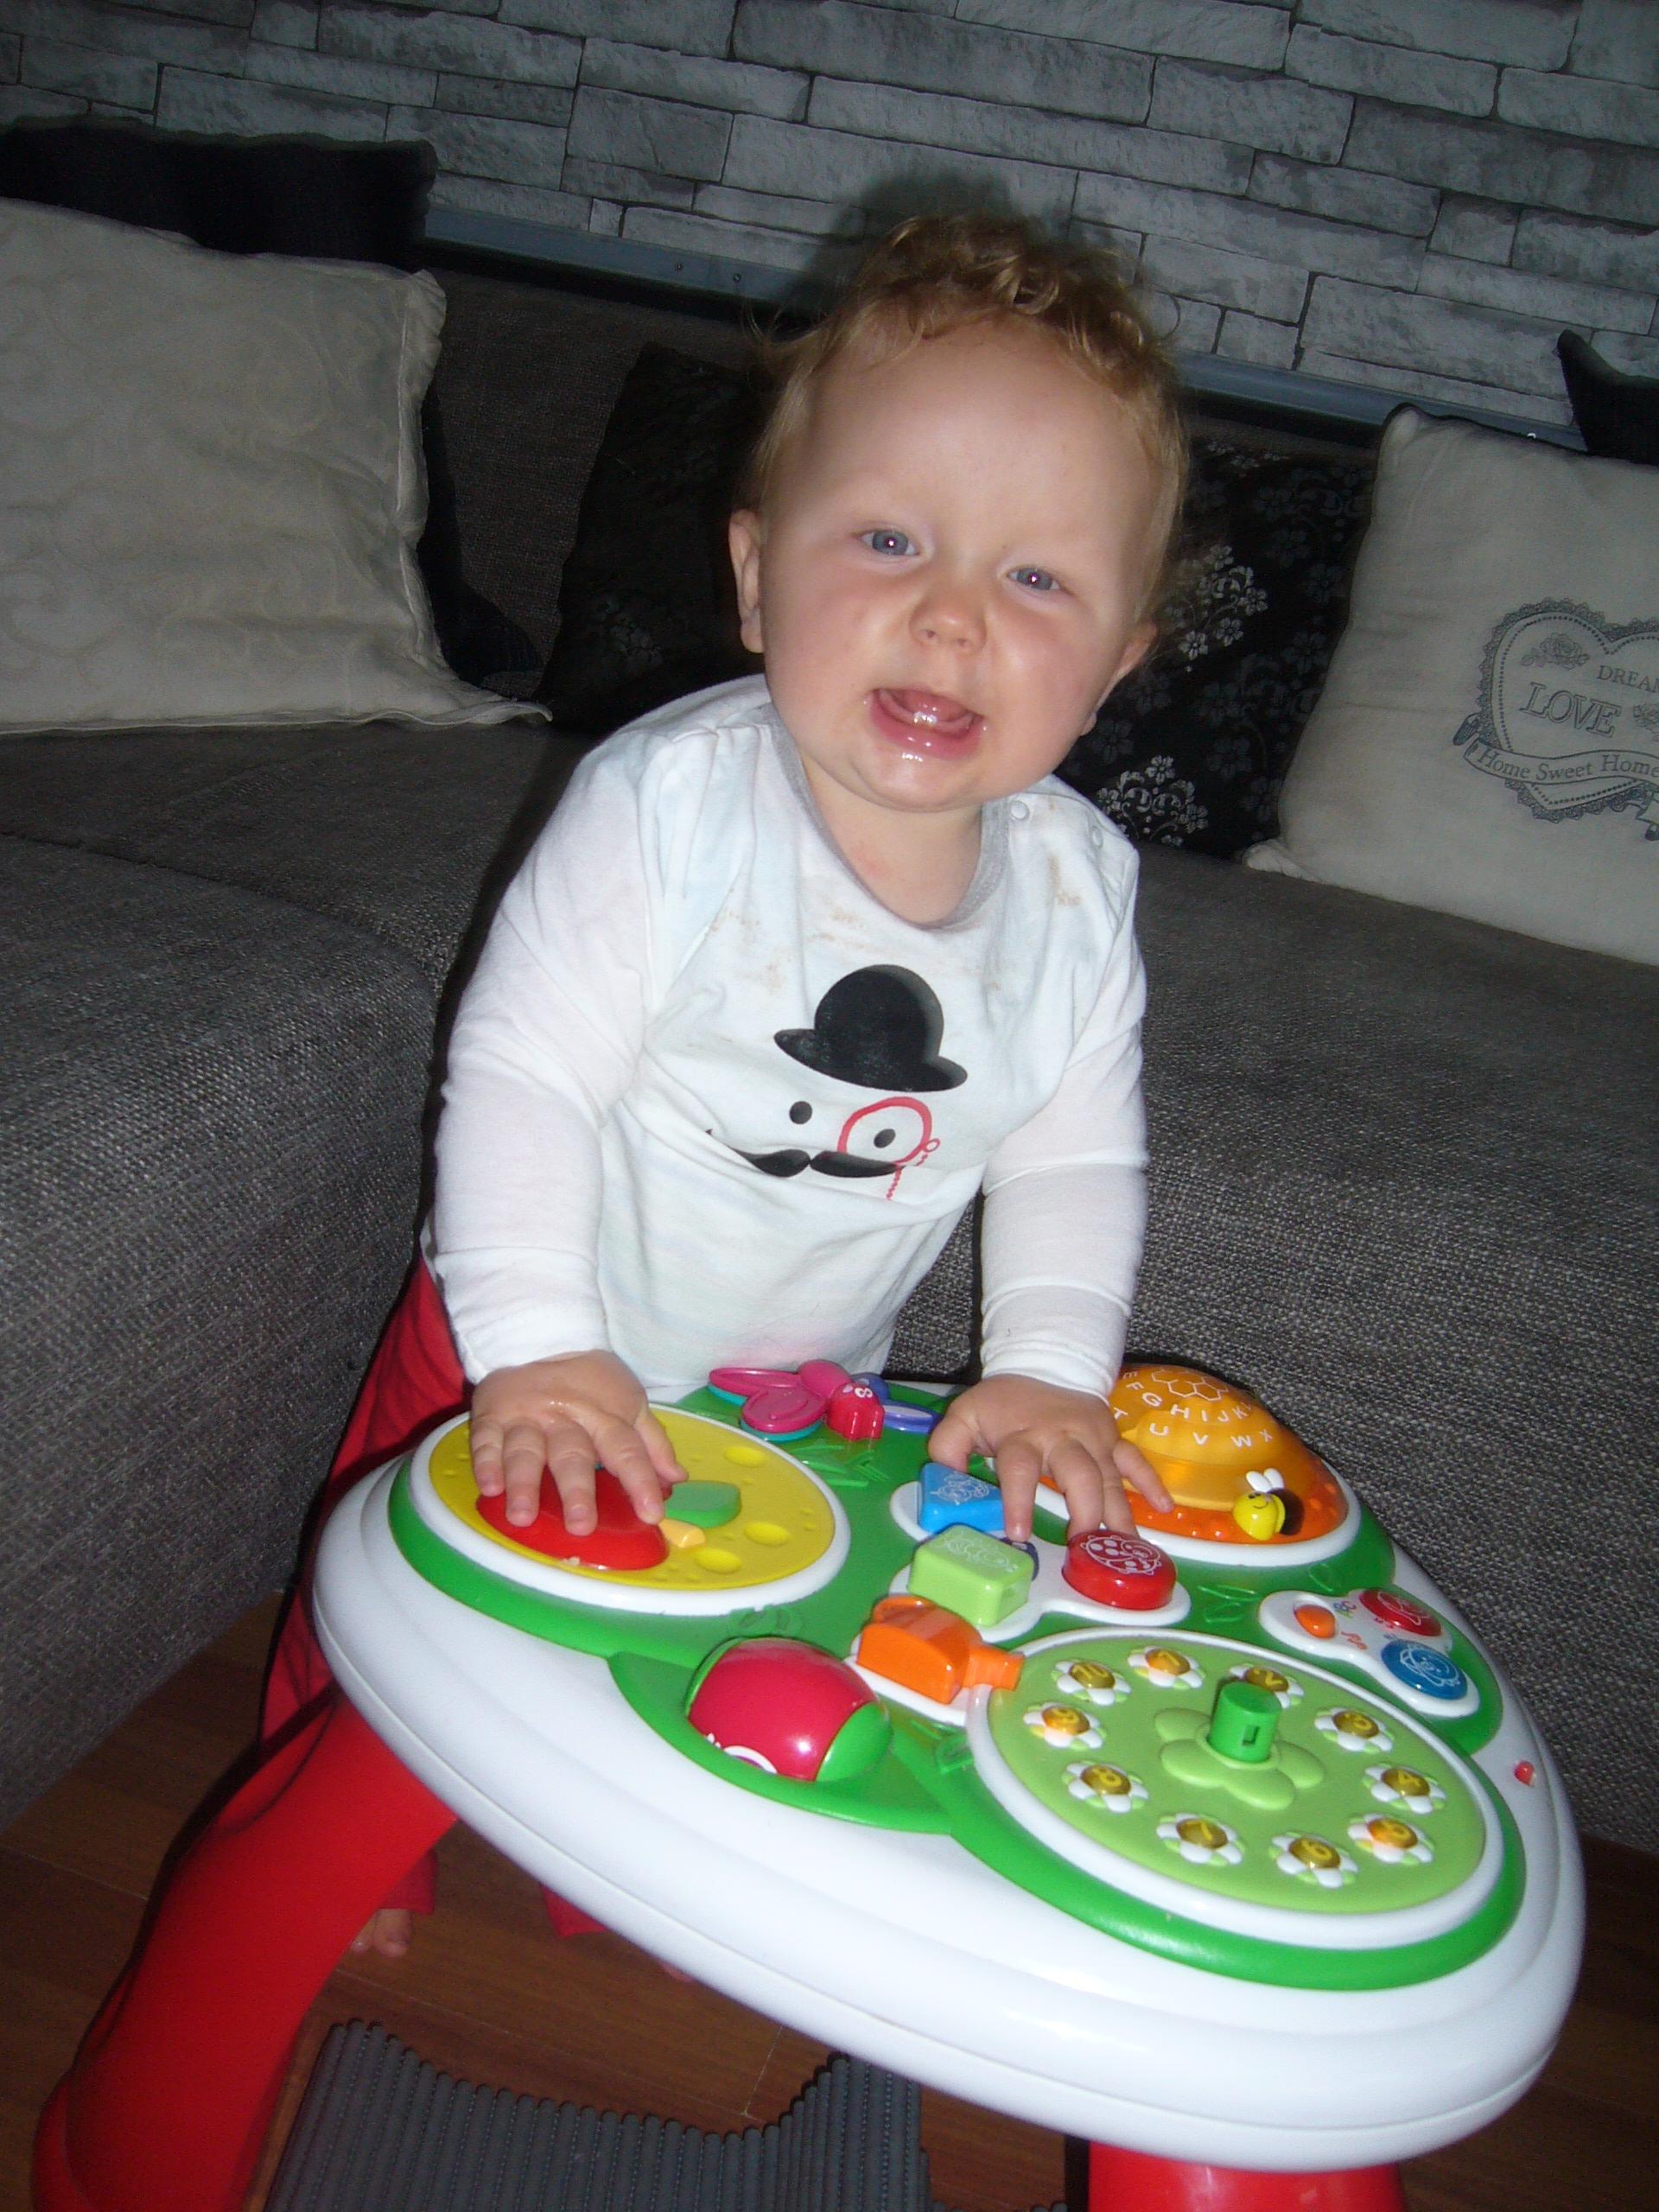 Baby van: Kristel Emans en Johan de Valk - Geboren op: 3 November 2013 - Onze prachtige zoon inmiddels alweer bijna 10 maanden